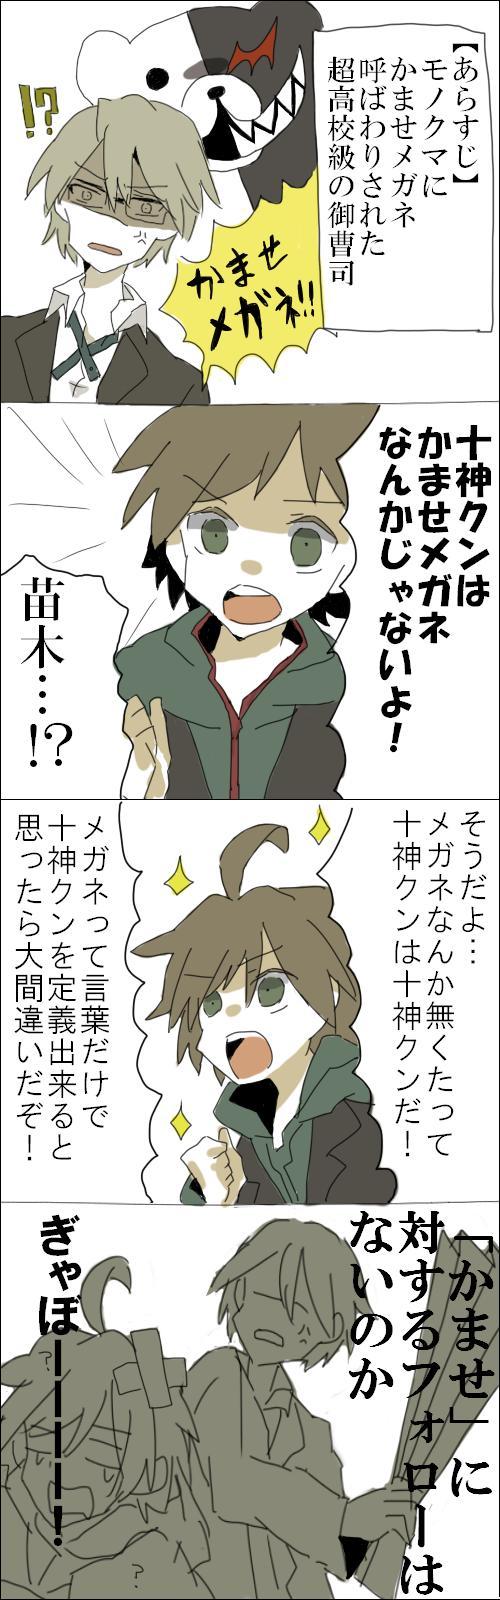 Ss 苗木 ロンパ ダンガン